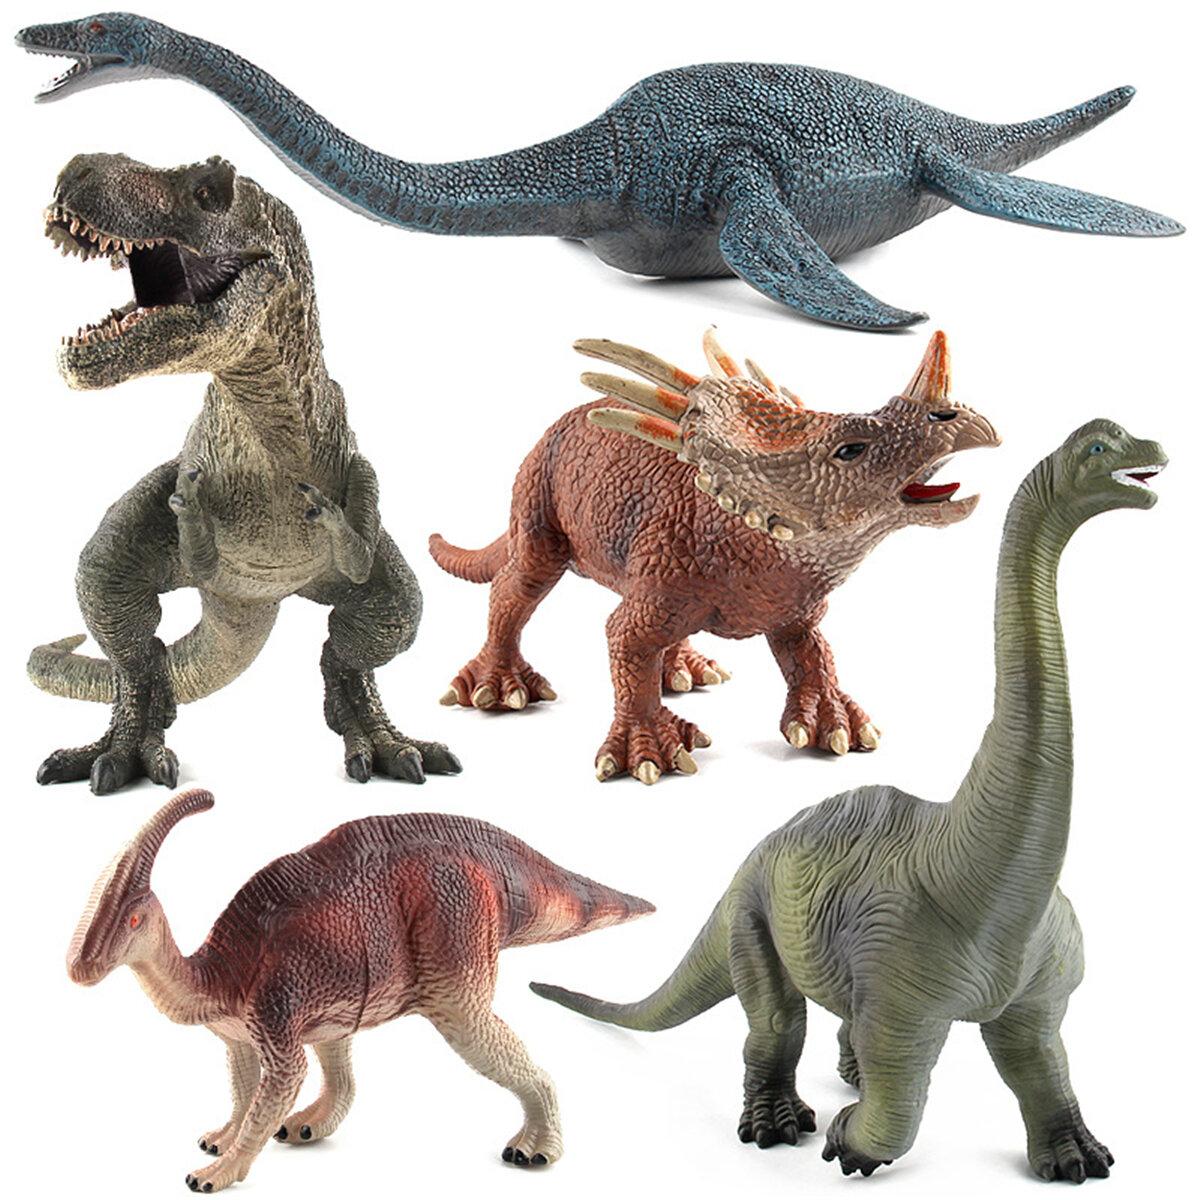 Большая игрушка динозавров Brachiosaurus Реалистичная твердая пластиковая модель Diecast для детей - 1